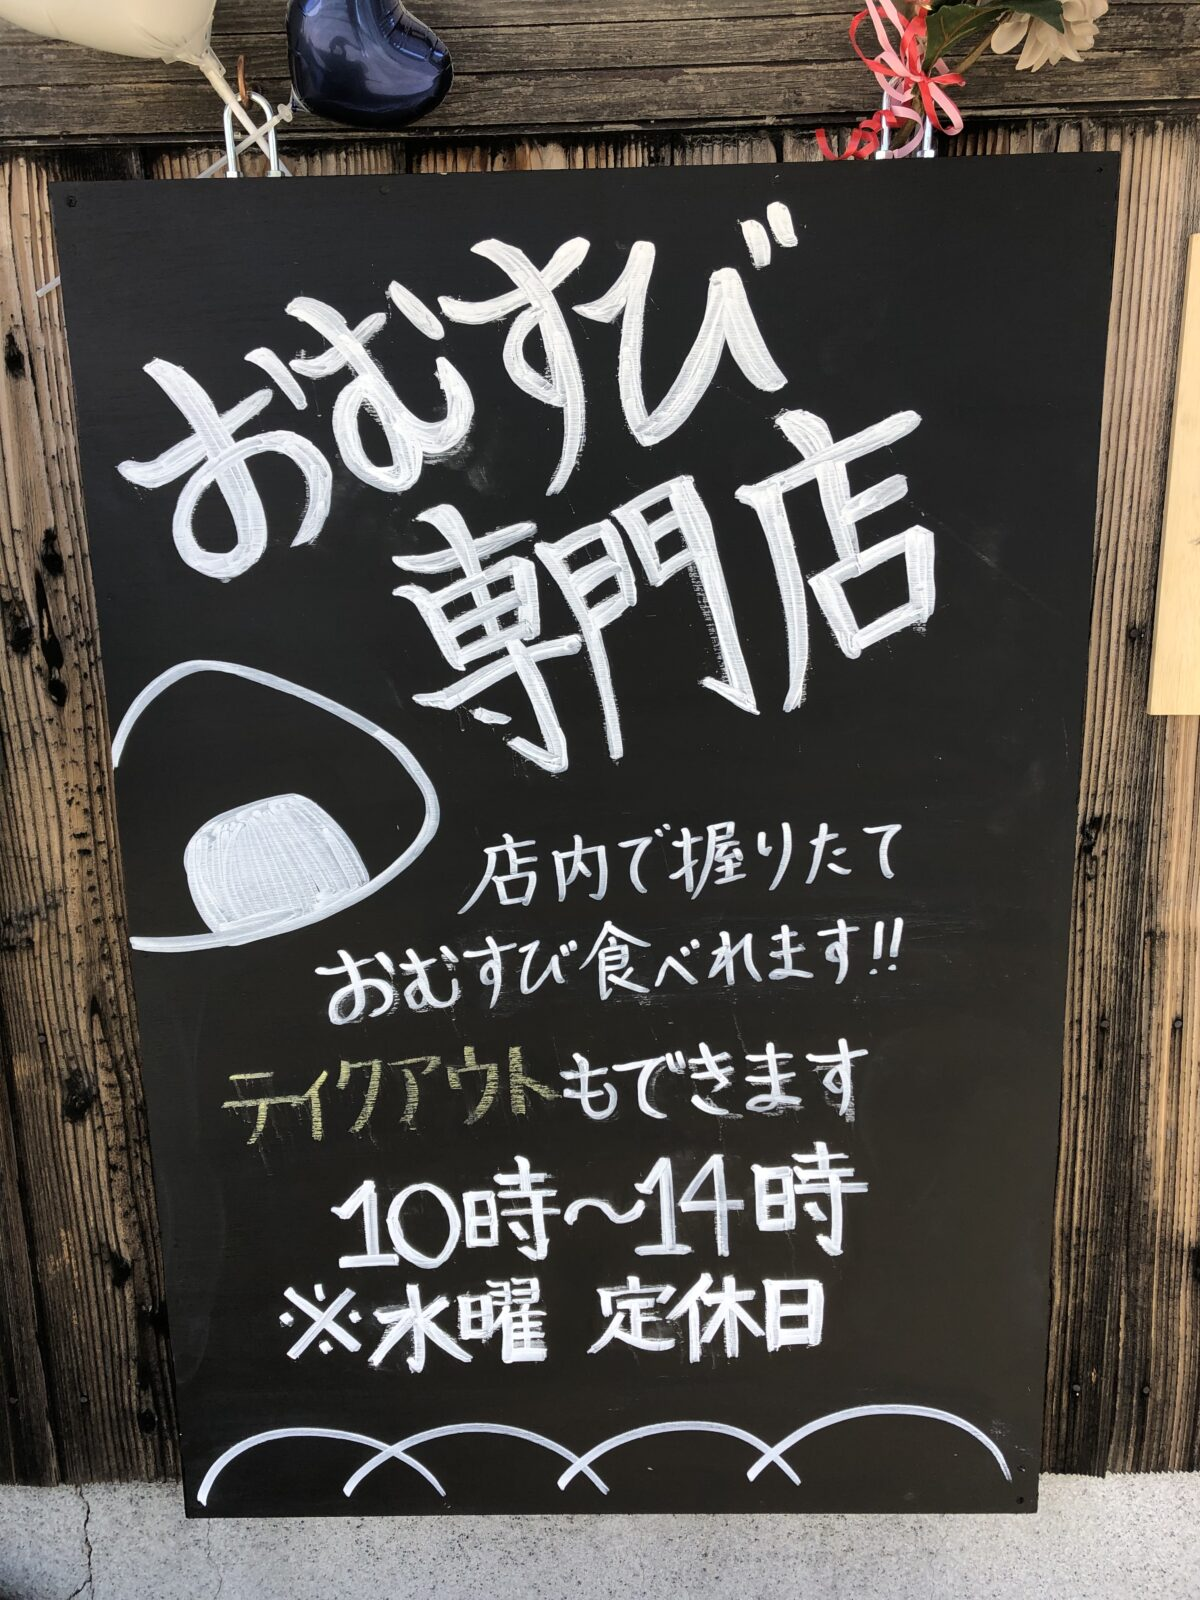 【祝オープン】堺市西区・平岡町交差点に握りたて!温かいおむすび♪『おむすび専門店』と「焼肉よだれ」がオープンしましたよ~!!: